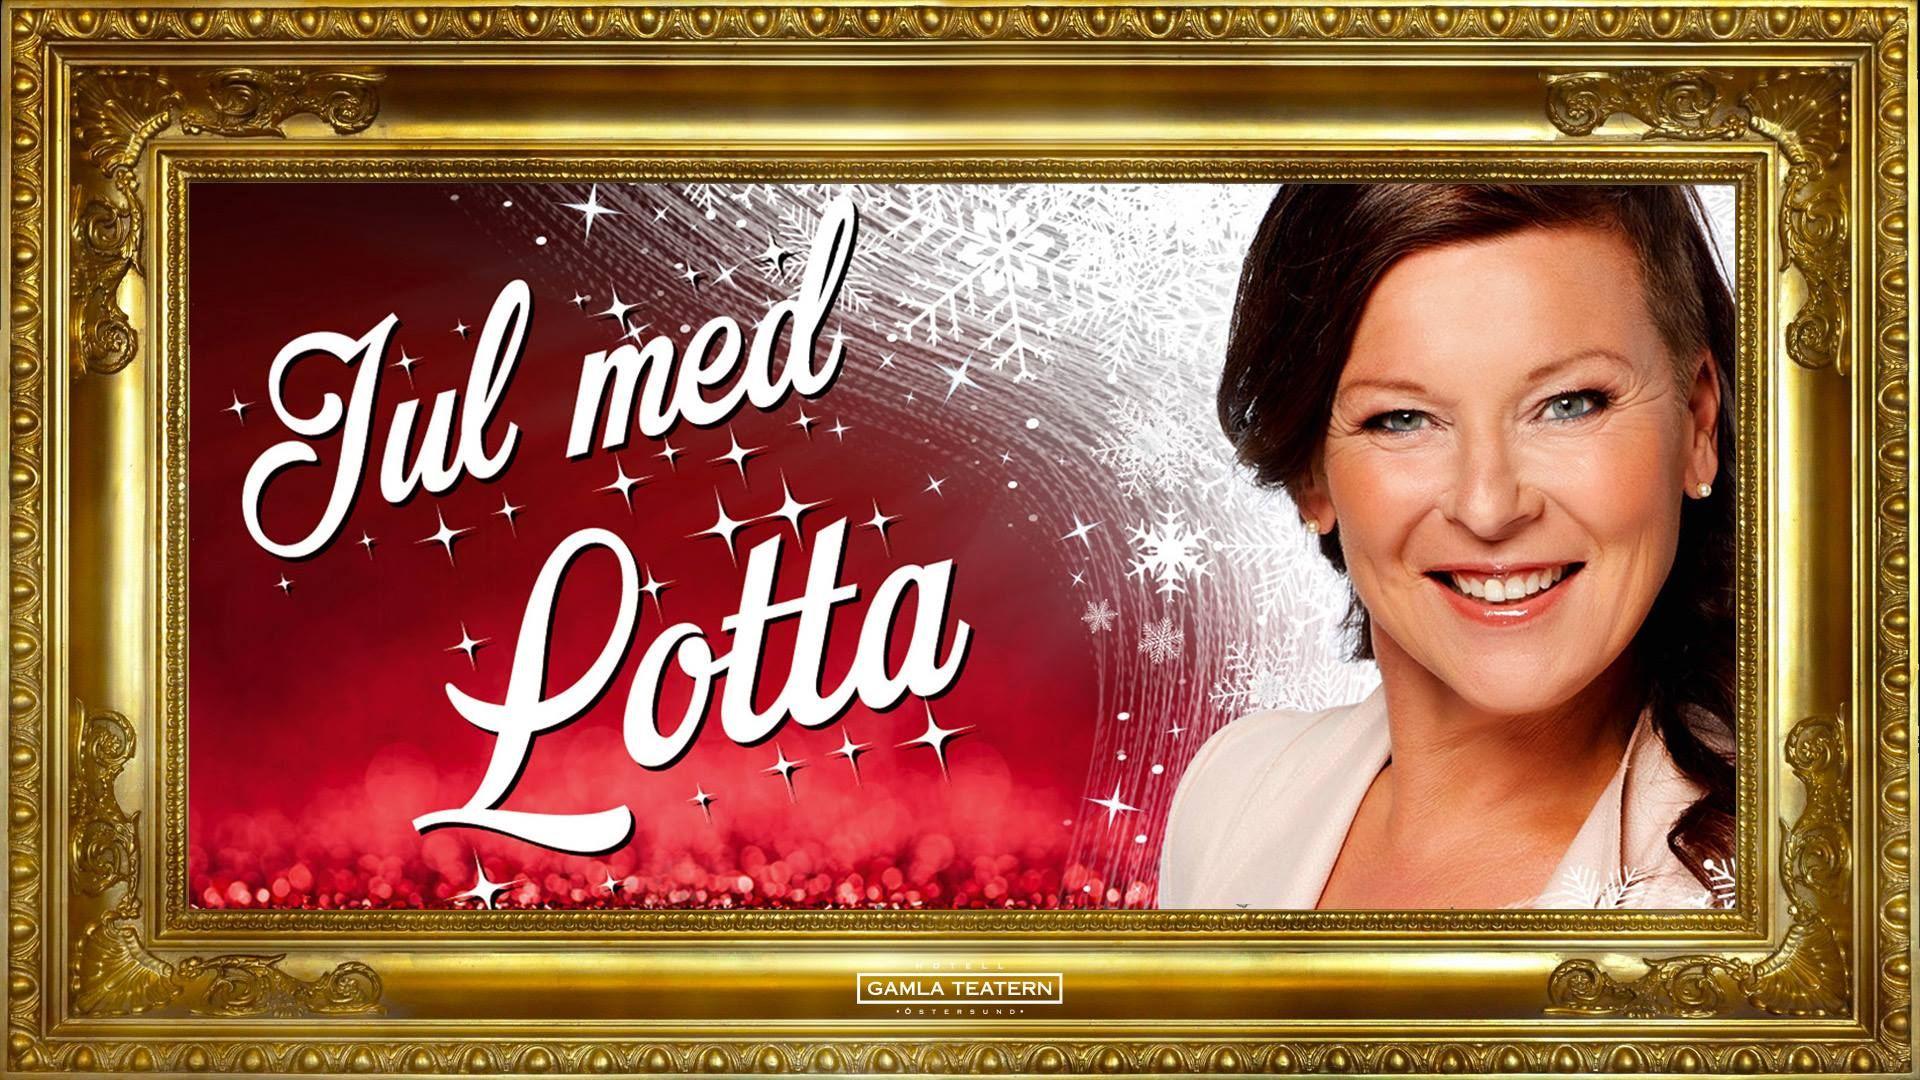 © Gamla teatern, Julkonsert - Jul med Lotta!